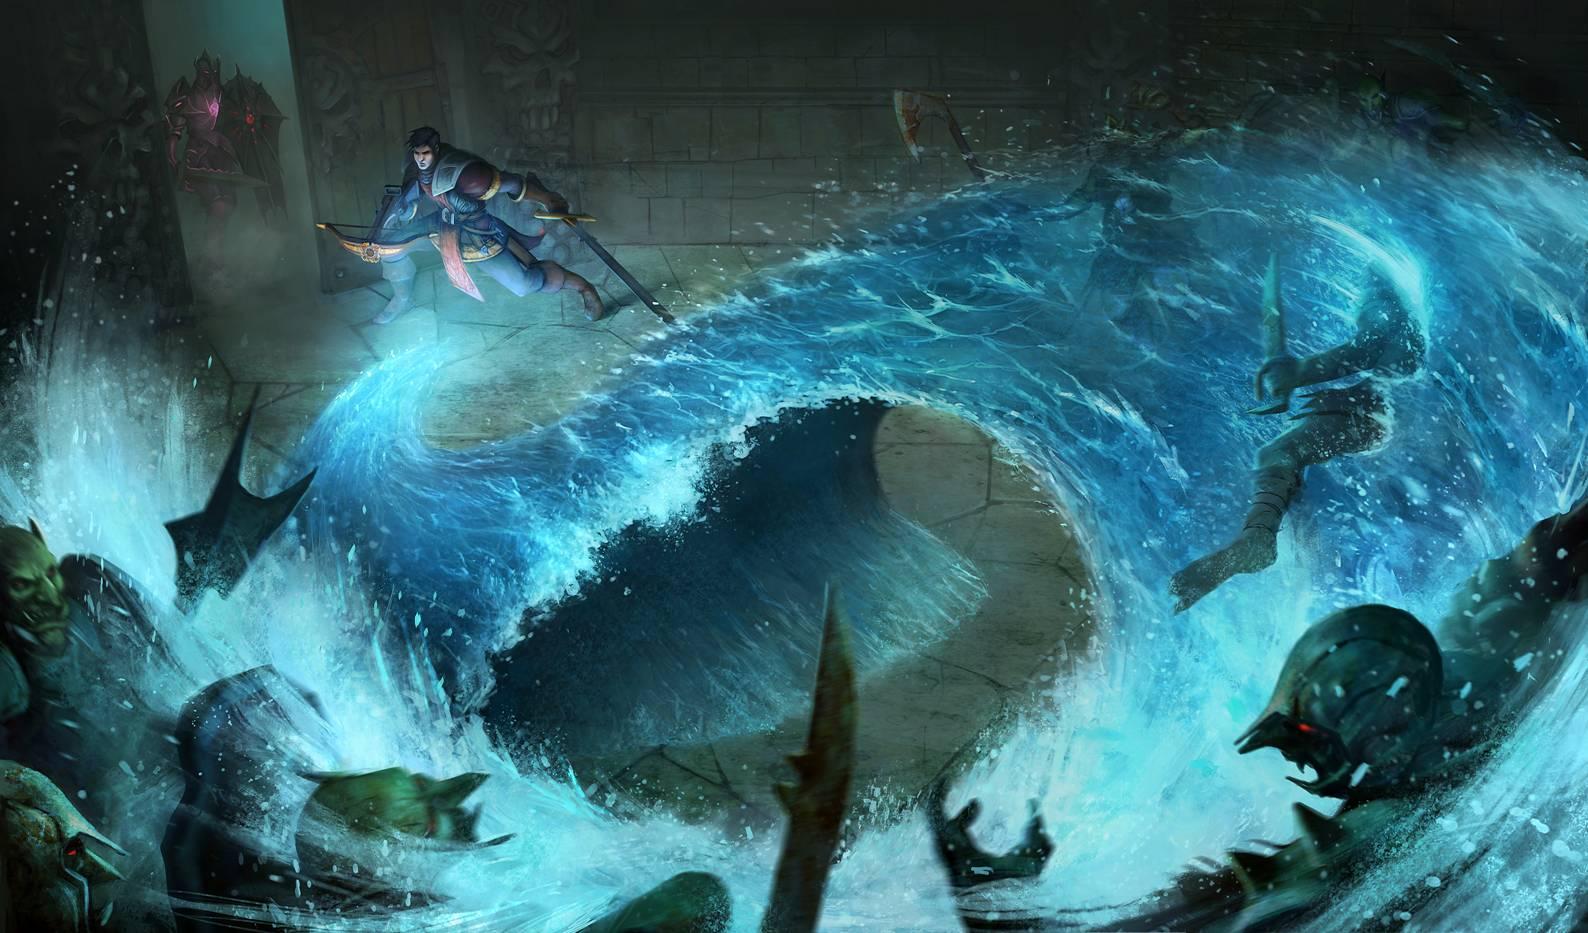 Tsunami by JohnMcCambridge